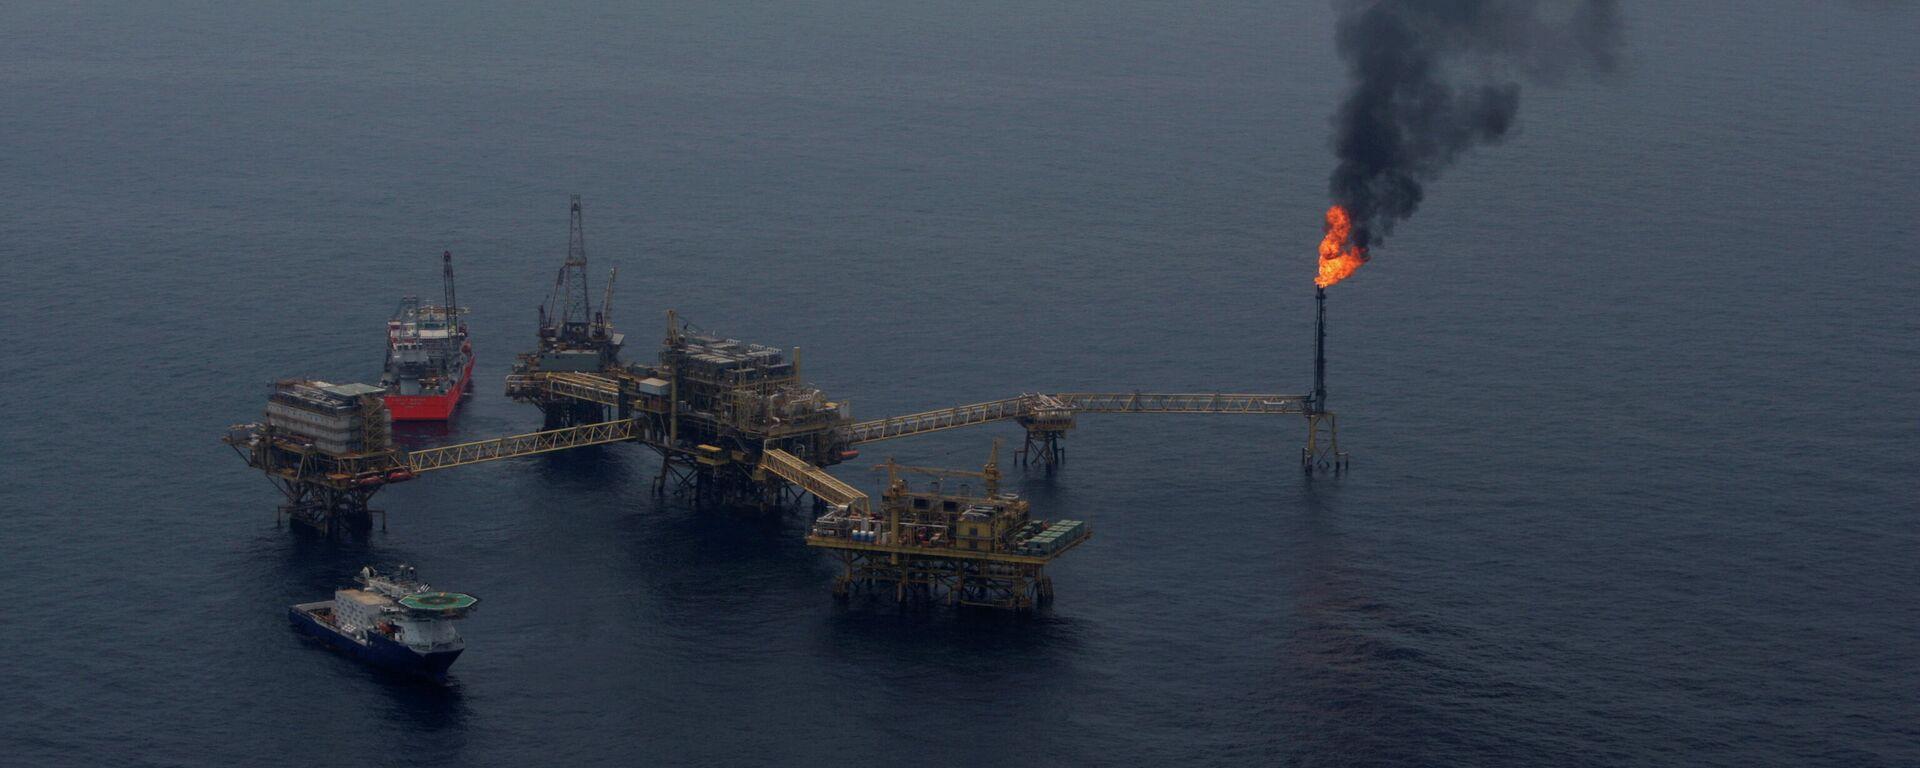 La plataforma marina de Petróleos Mexicanos (Pemex) del yacimiento petrolero Ku Maloob Zaap (archivo) - Sputnik Mundo, 1920, 23.08.2021